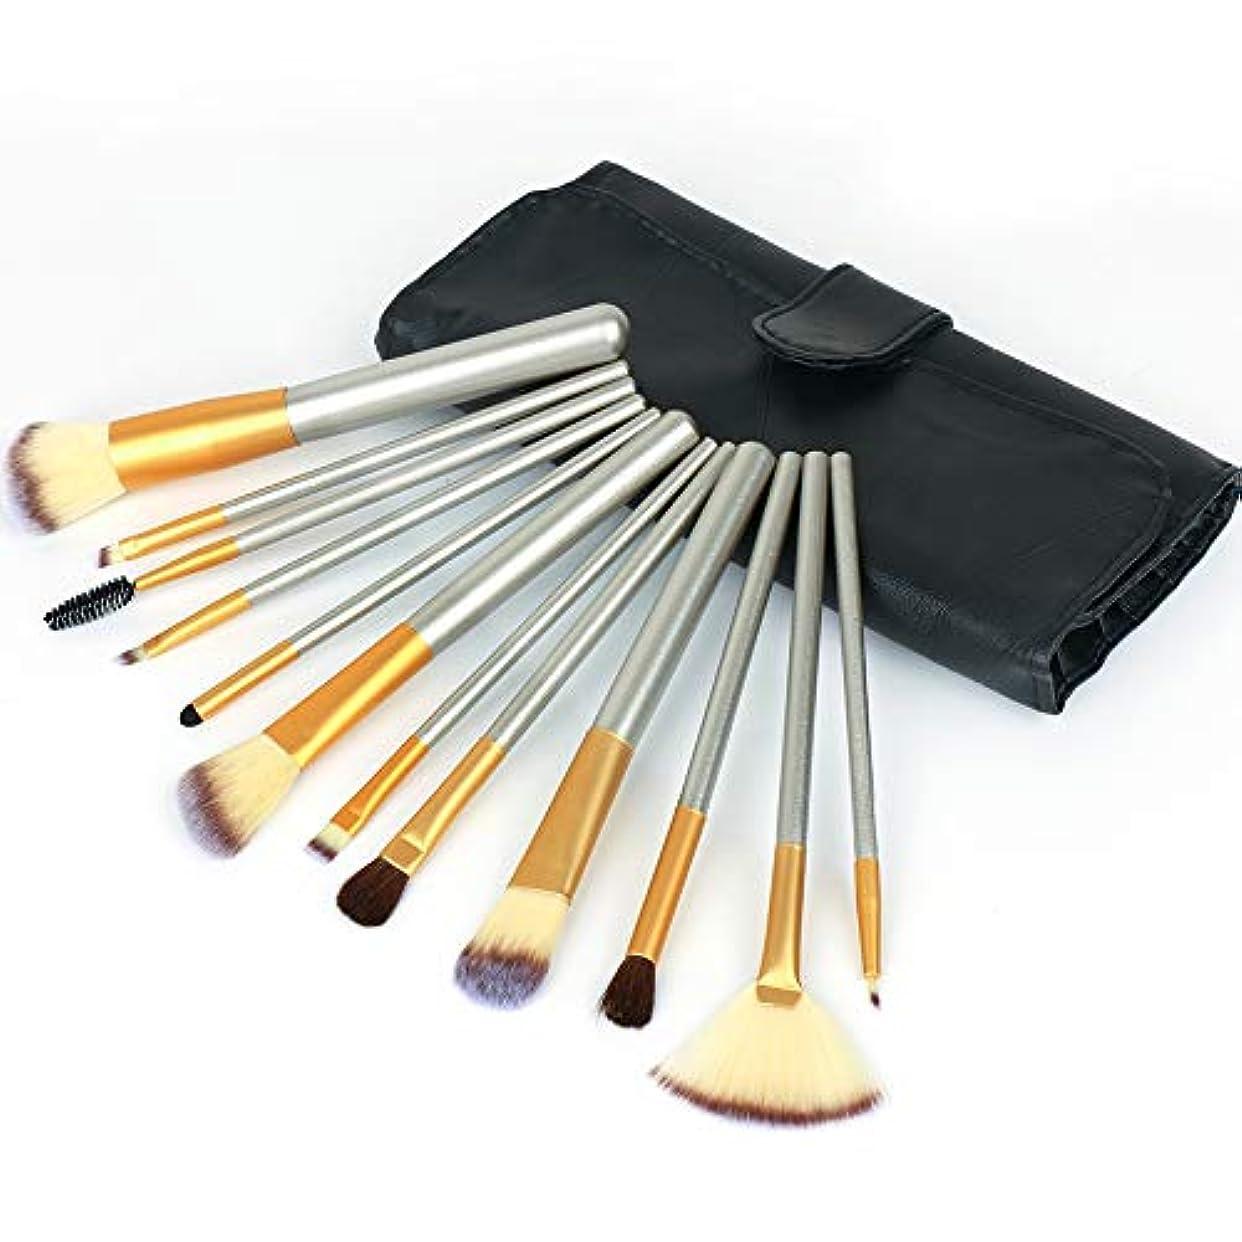 チーターピザサポートメイクブラシセット 12本 プロ 高級 化粧筆 柔らかい 化粧ブラシ フェイスブラシ コスメブラシ MANLI 専用ポーチ付